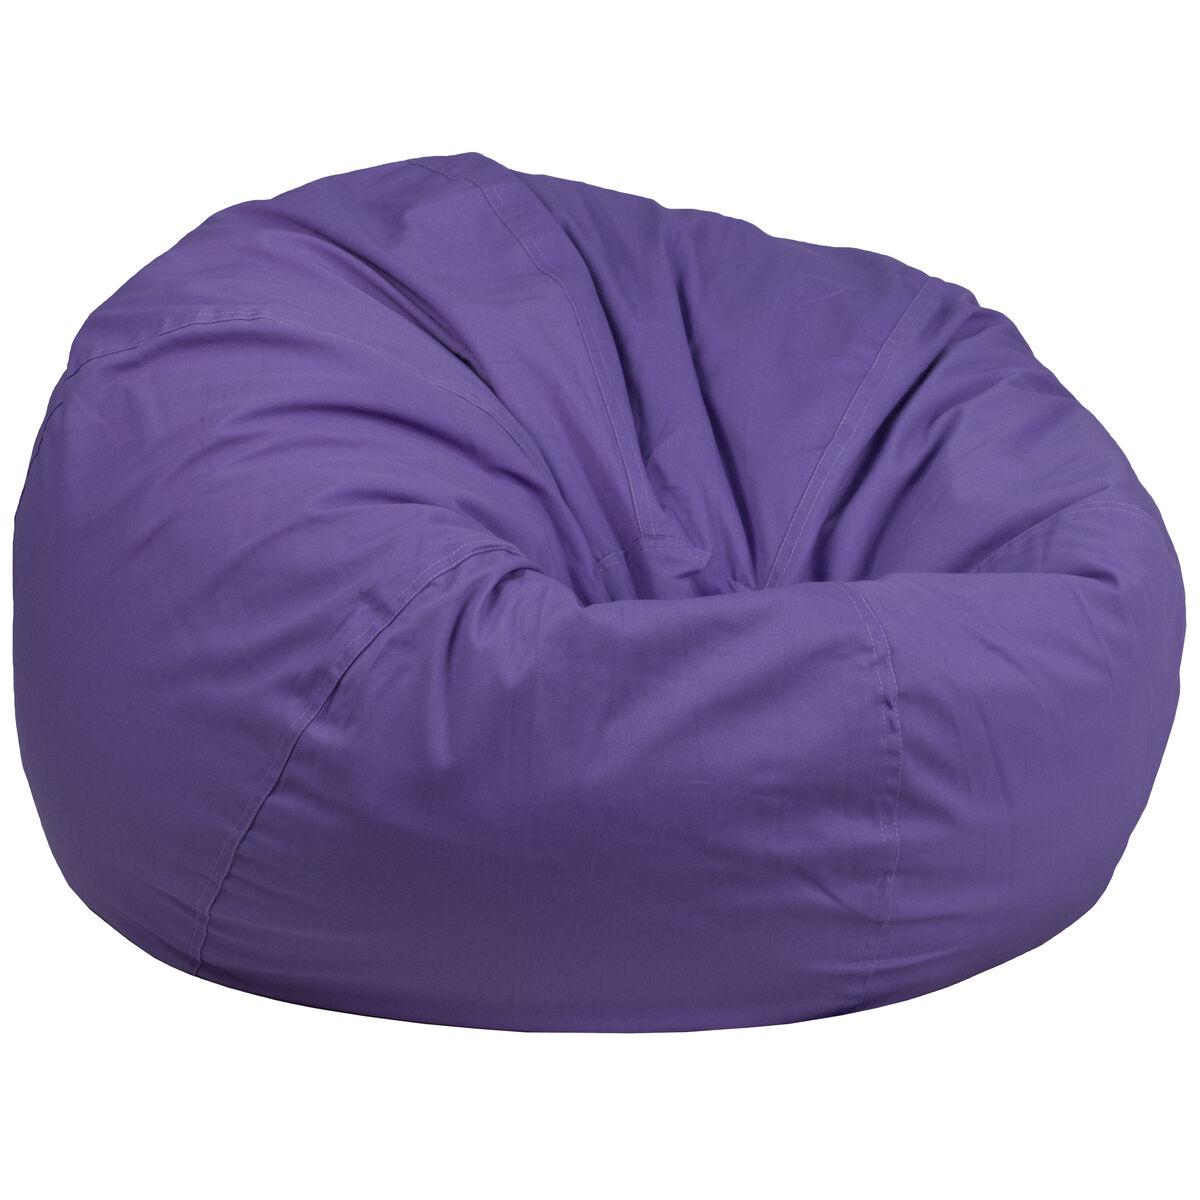 Purple Bean Bag Chair Dg Bean Large Solid Pur Gg Bizchair Com